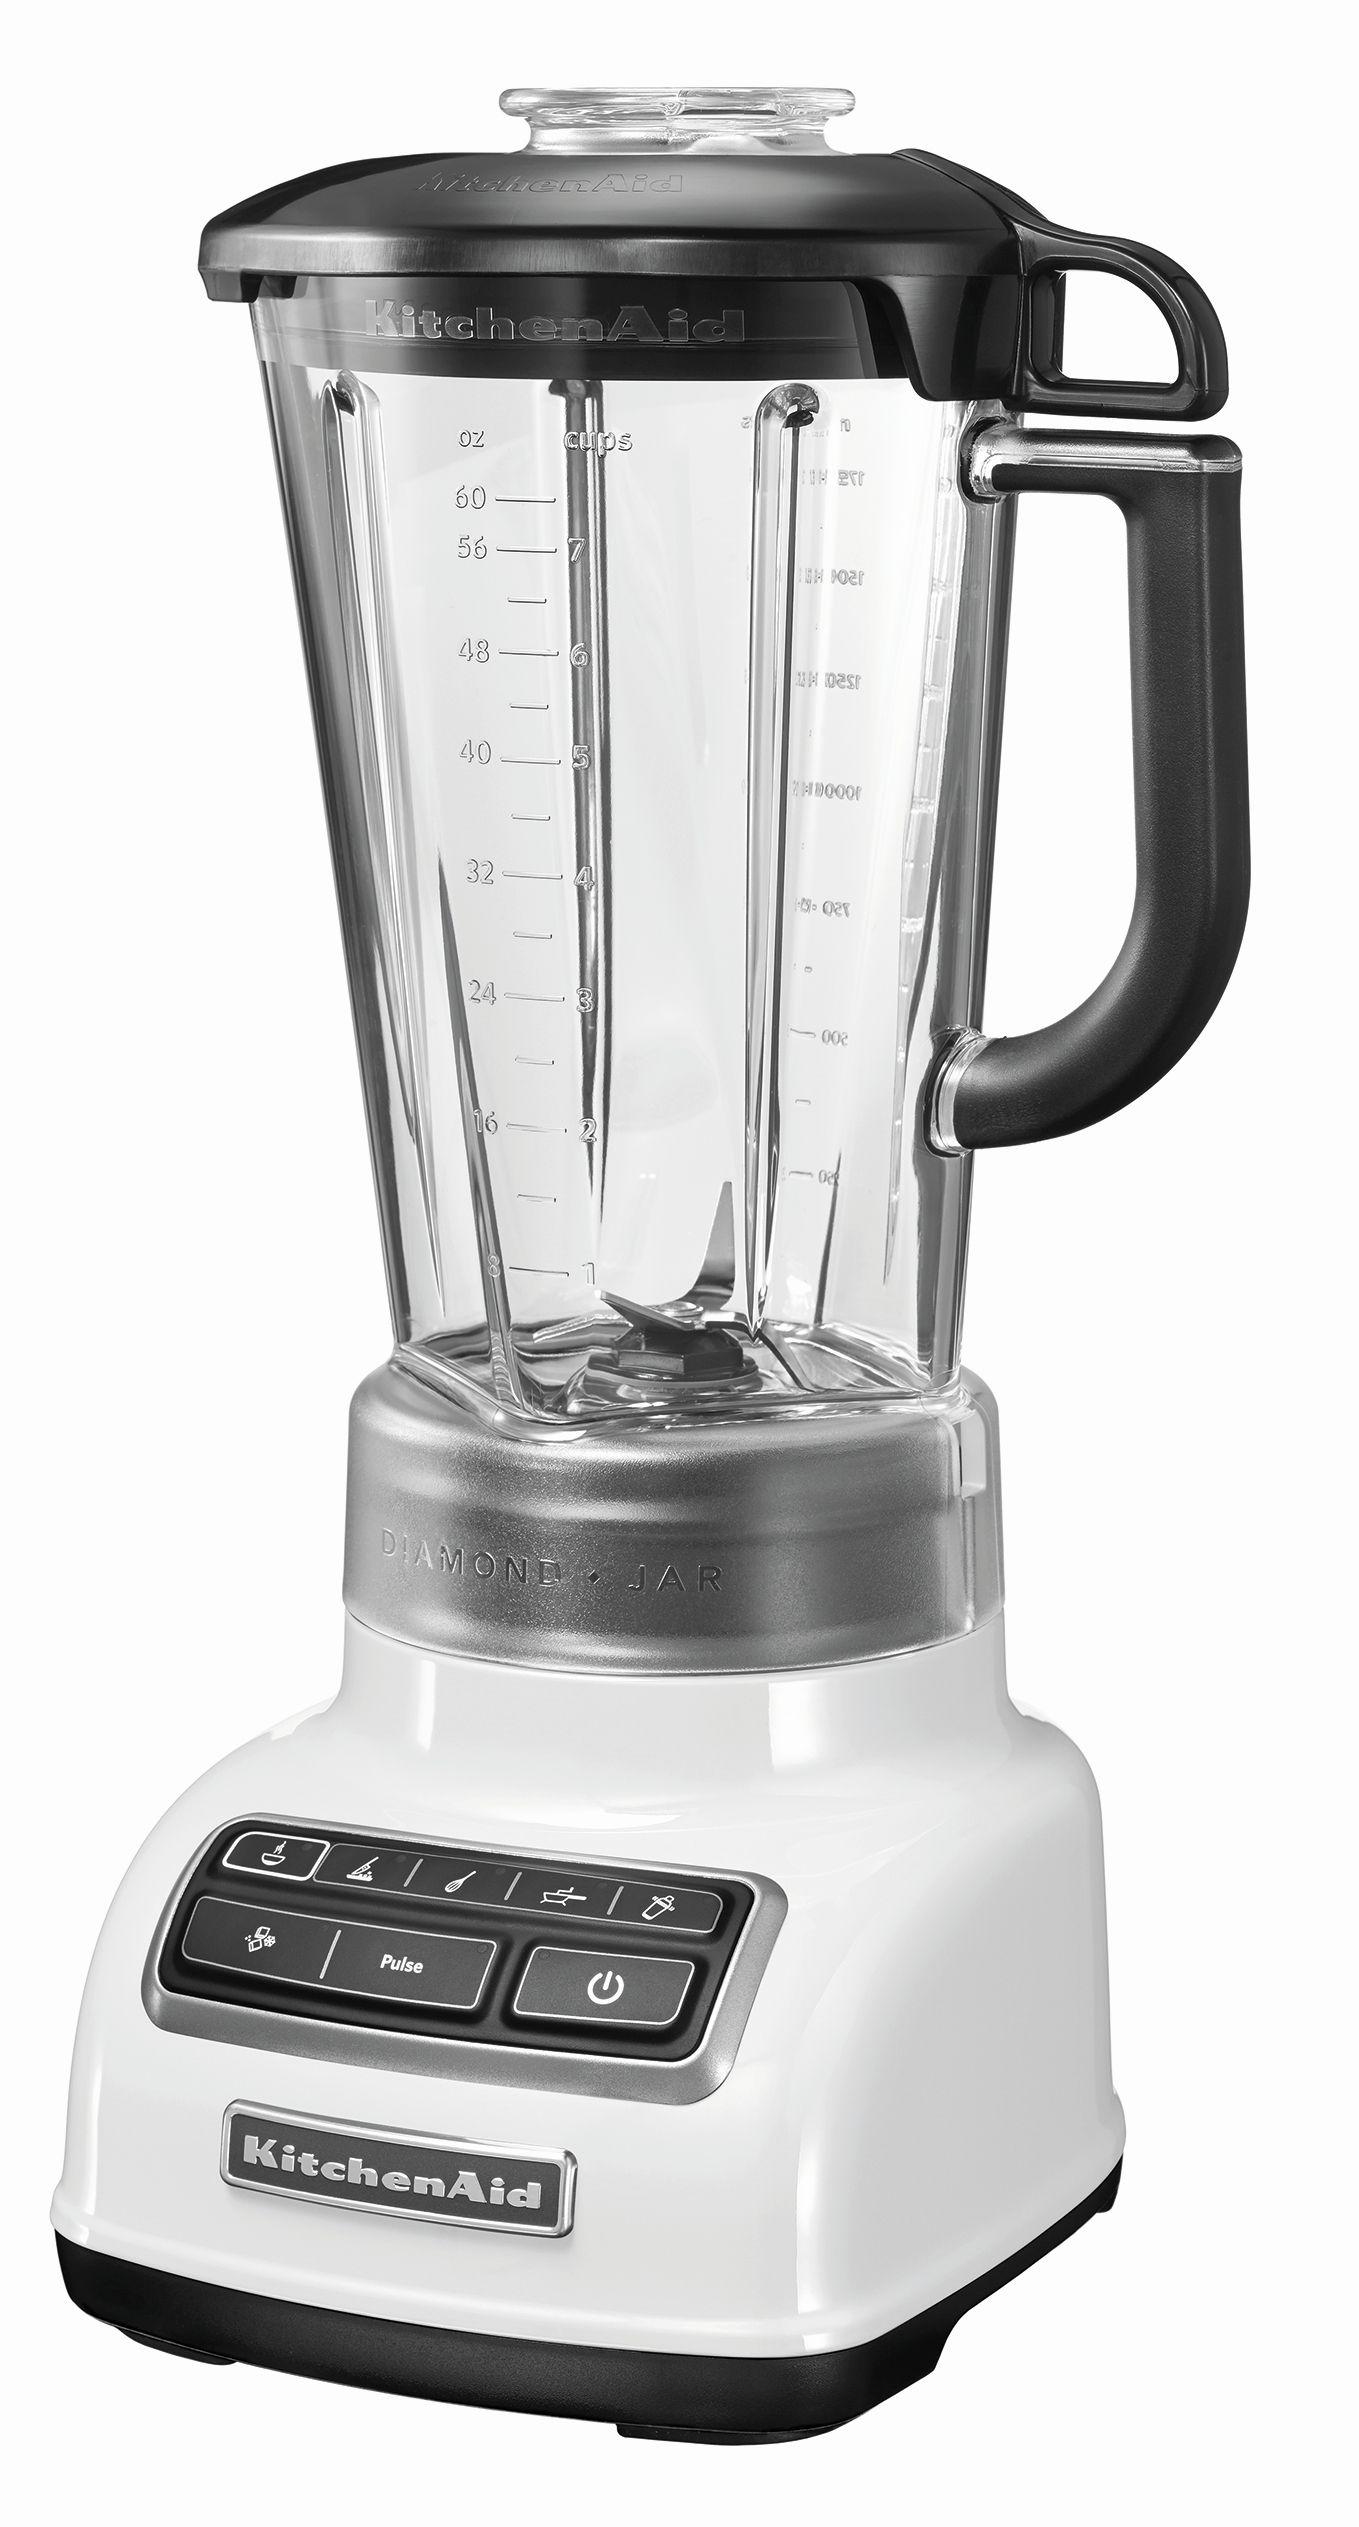 bartscher Blender KitchenAid CLASSIC (A150709)